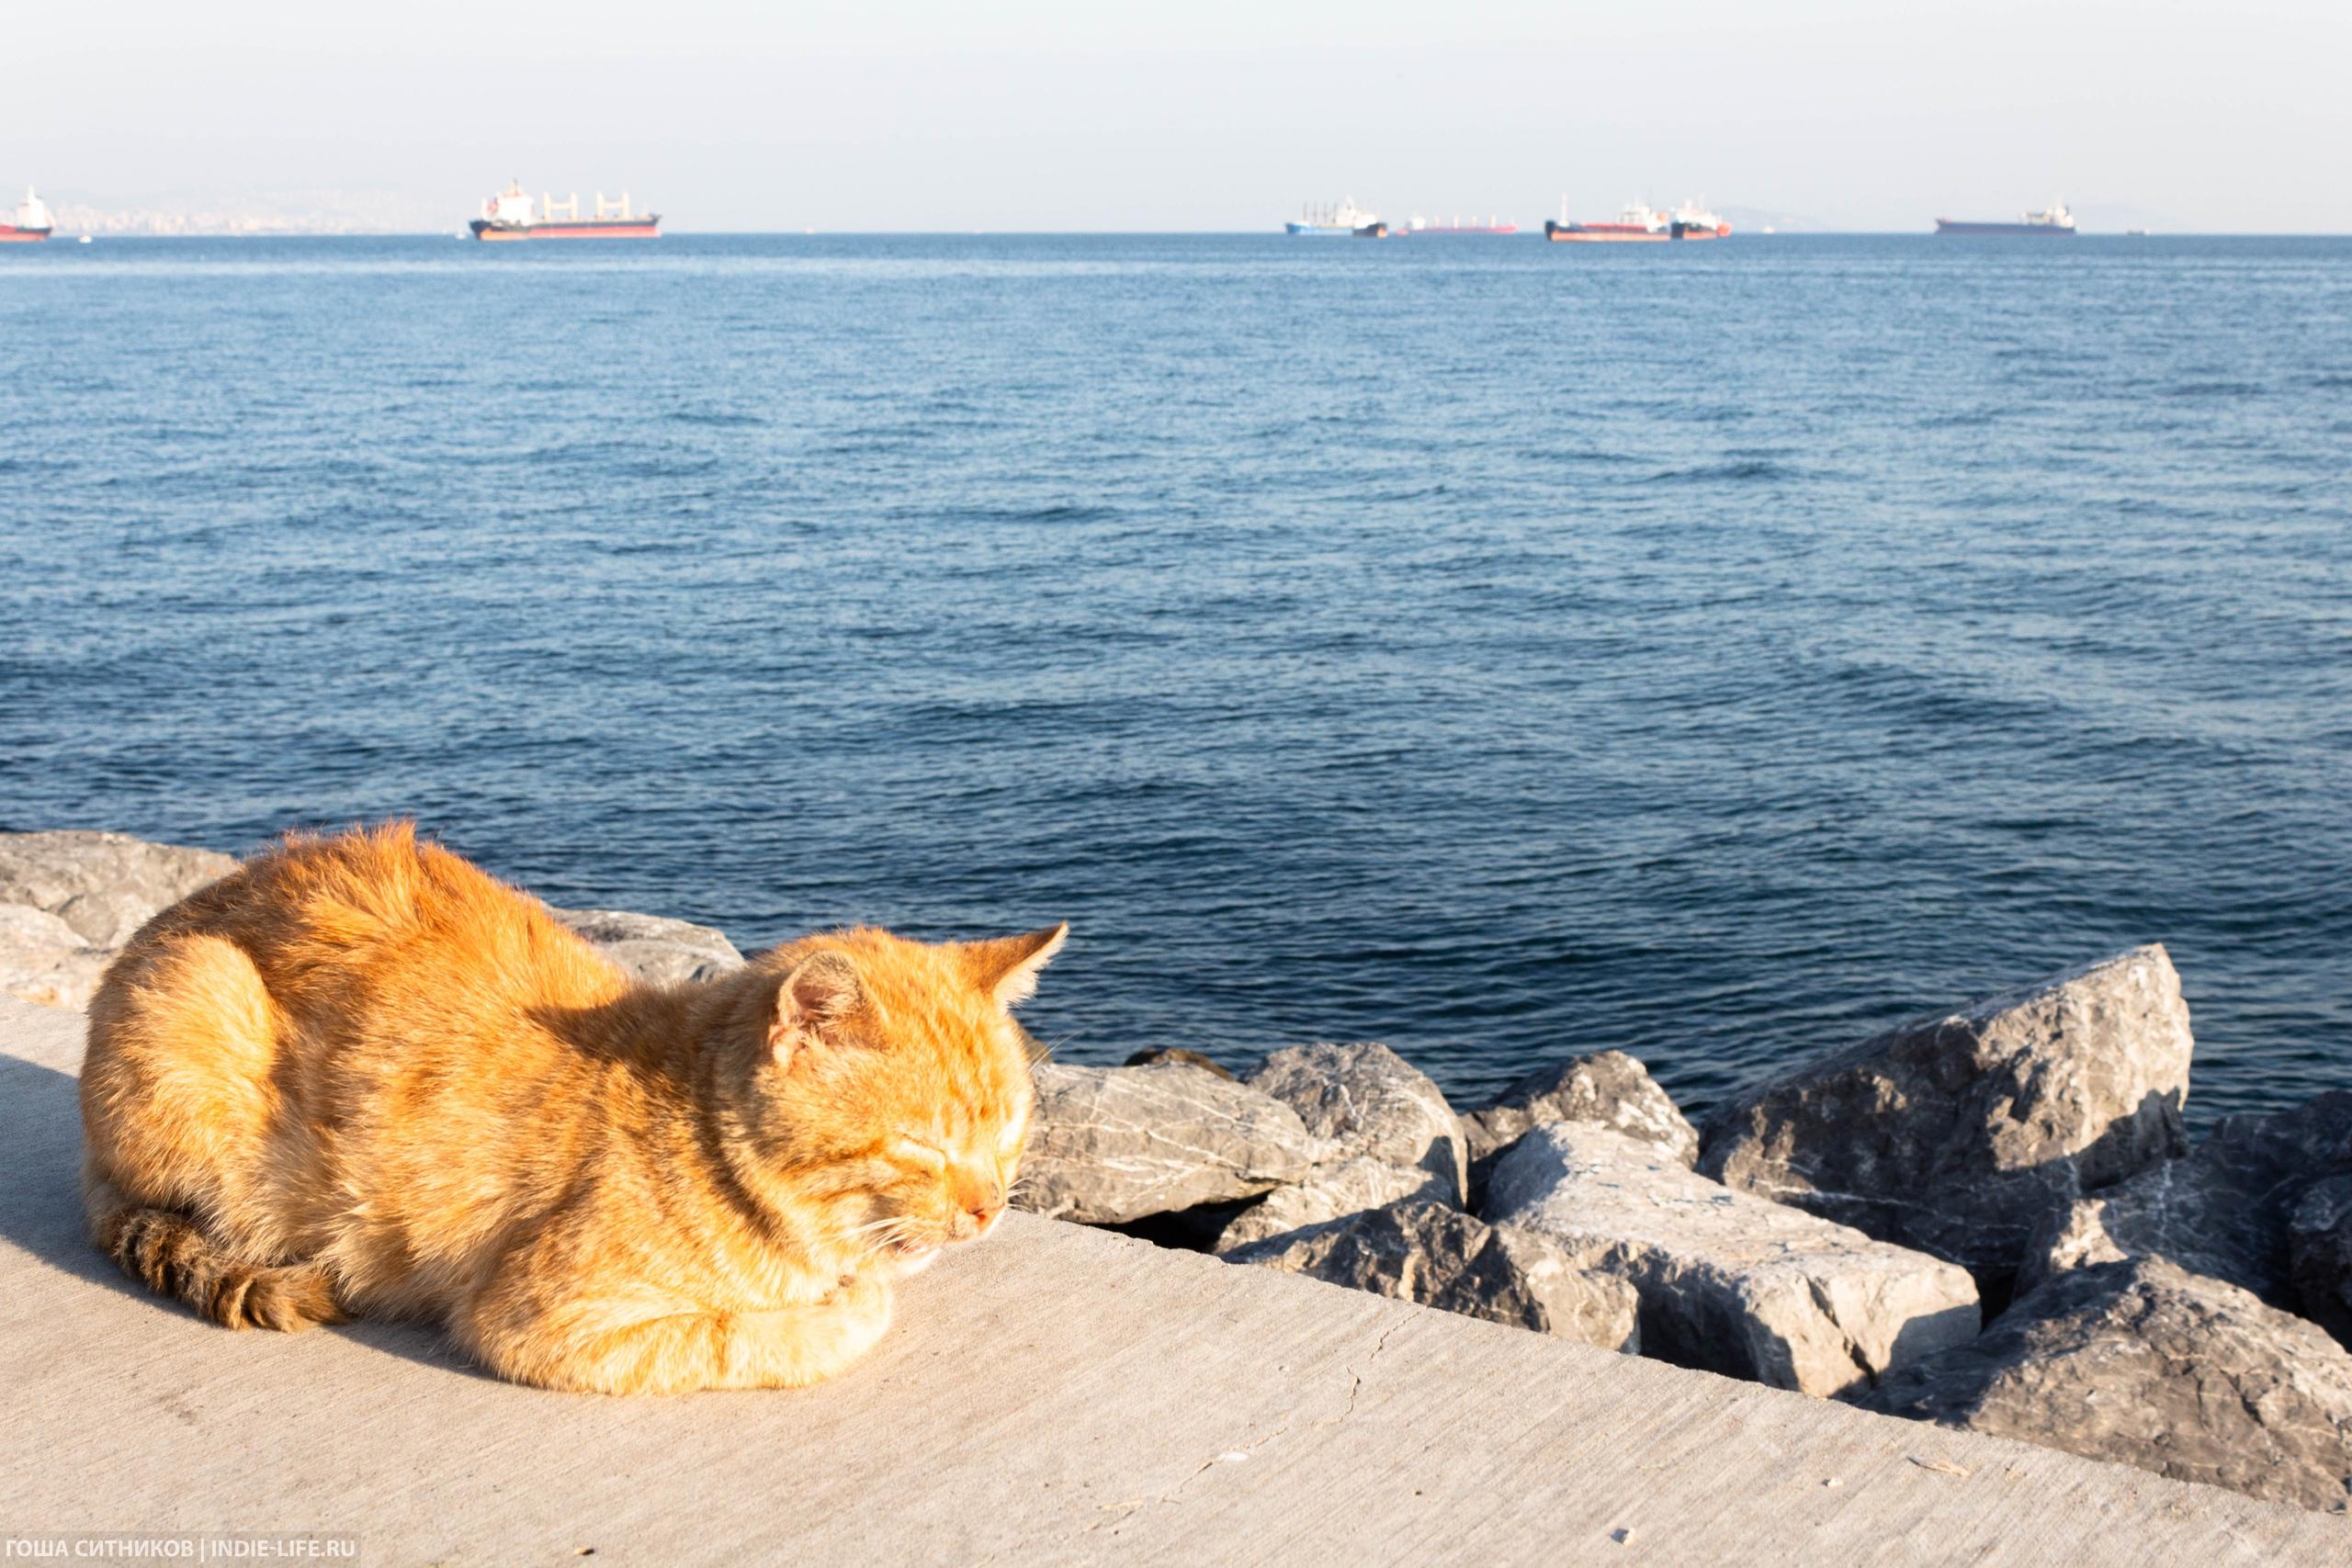 Рыжий кот на Мраморном море